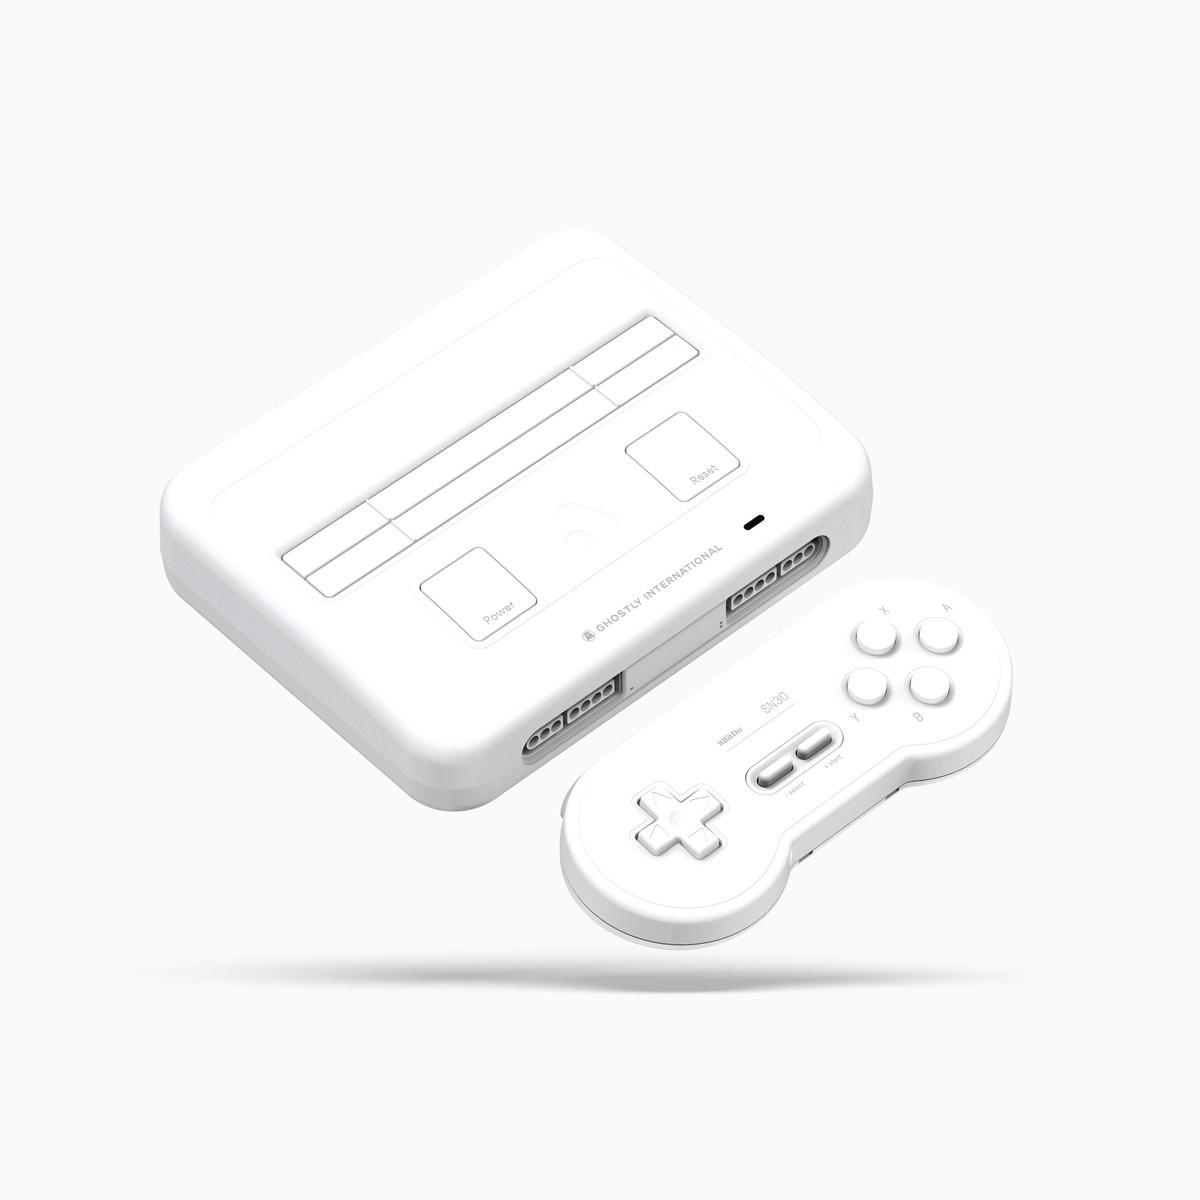 Лимитированная SNES от Analogue с кастомными звуками от артистов Ghostly1